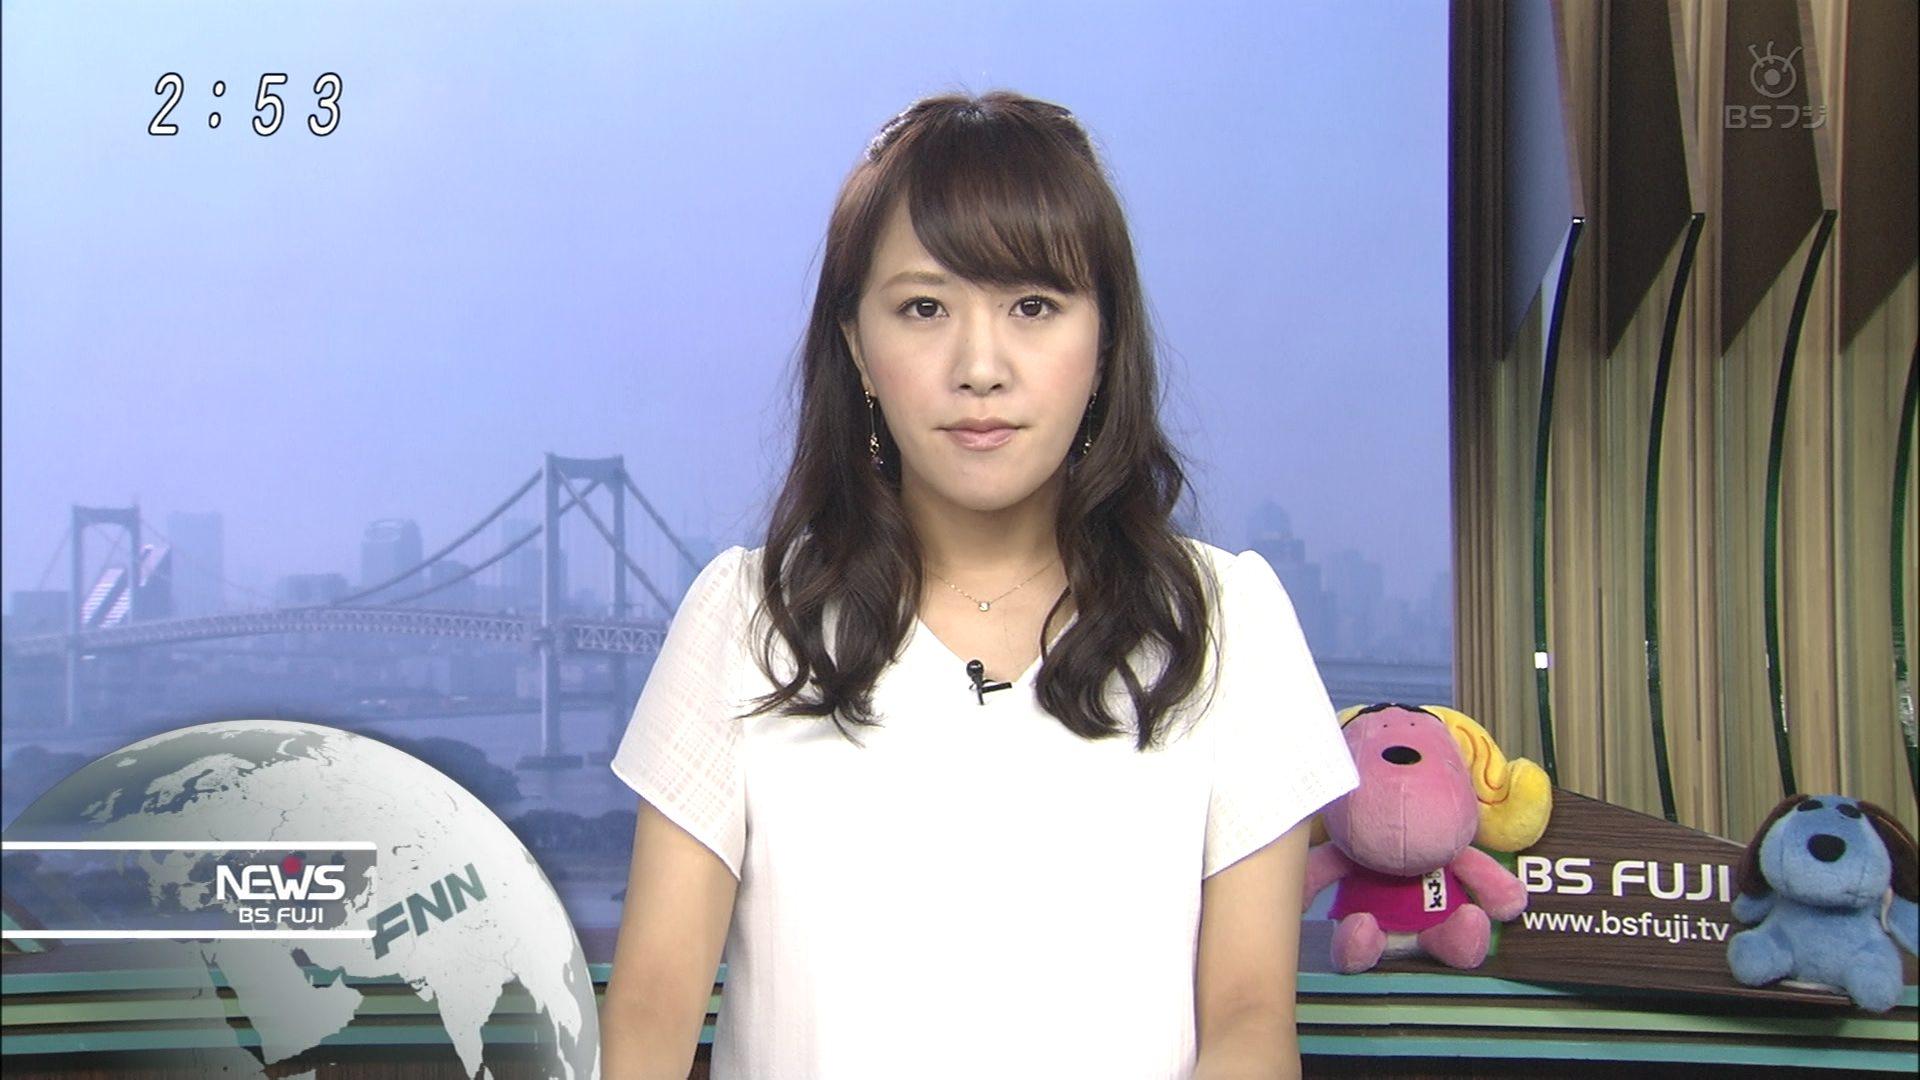 堤友香 BSフジニュースb 0002